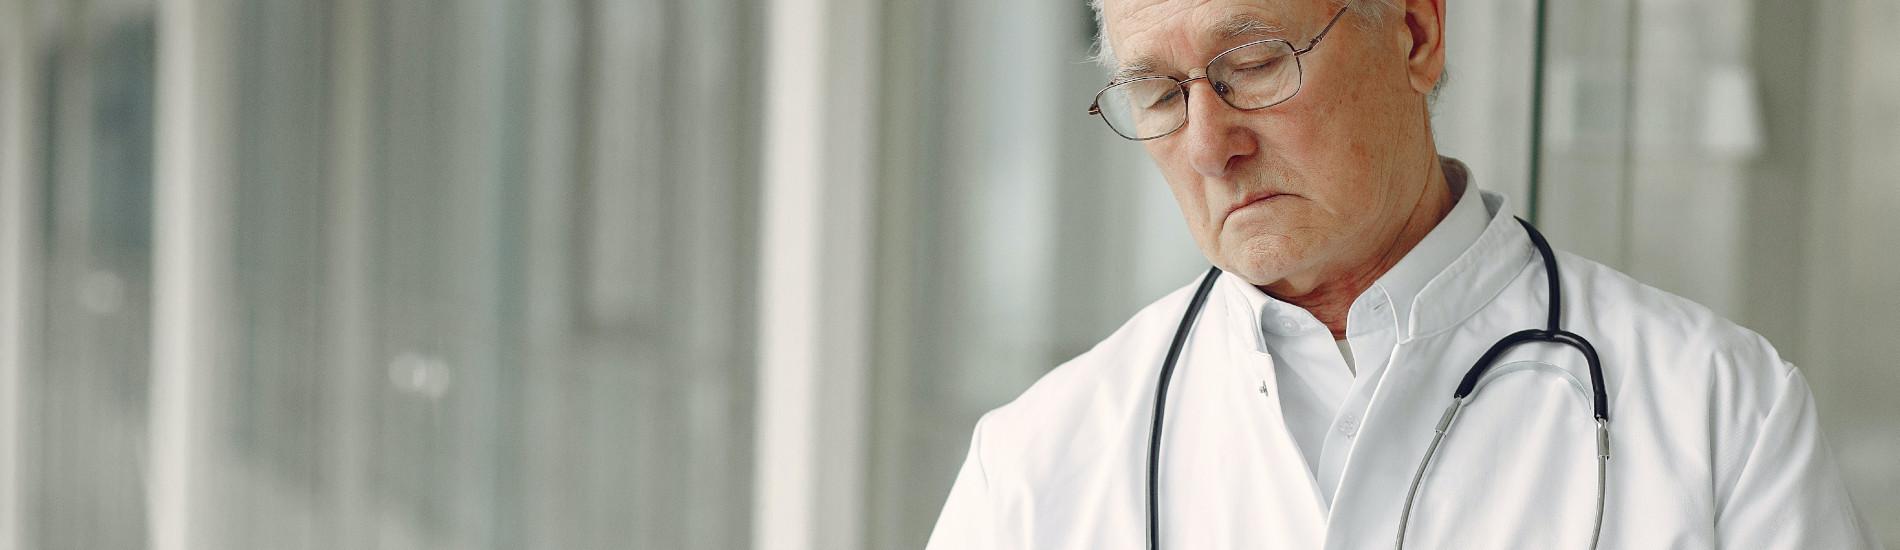 Przekroczenie zakresu zgody pacjenta przez lekarza – czy tak można?